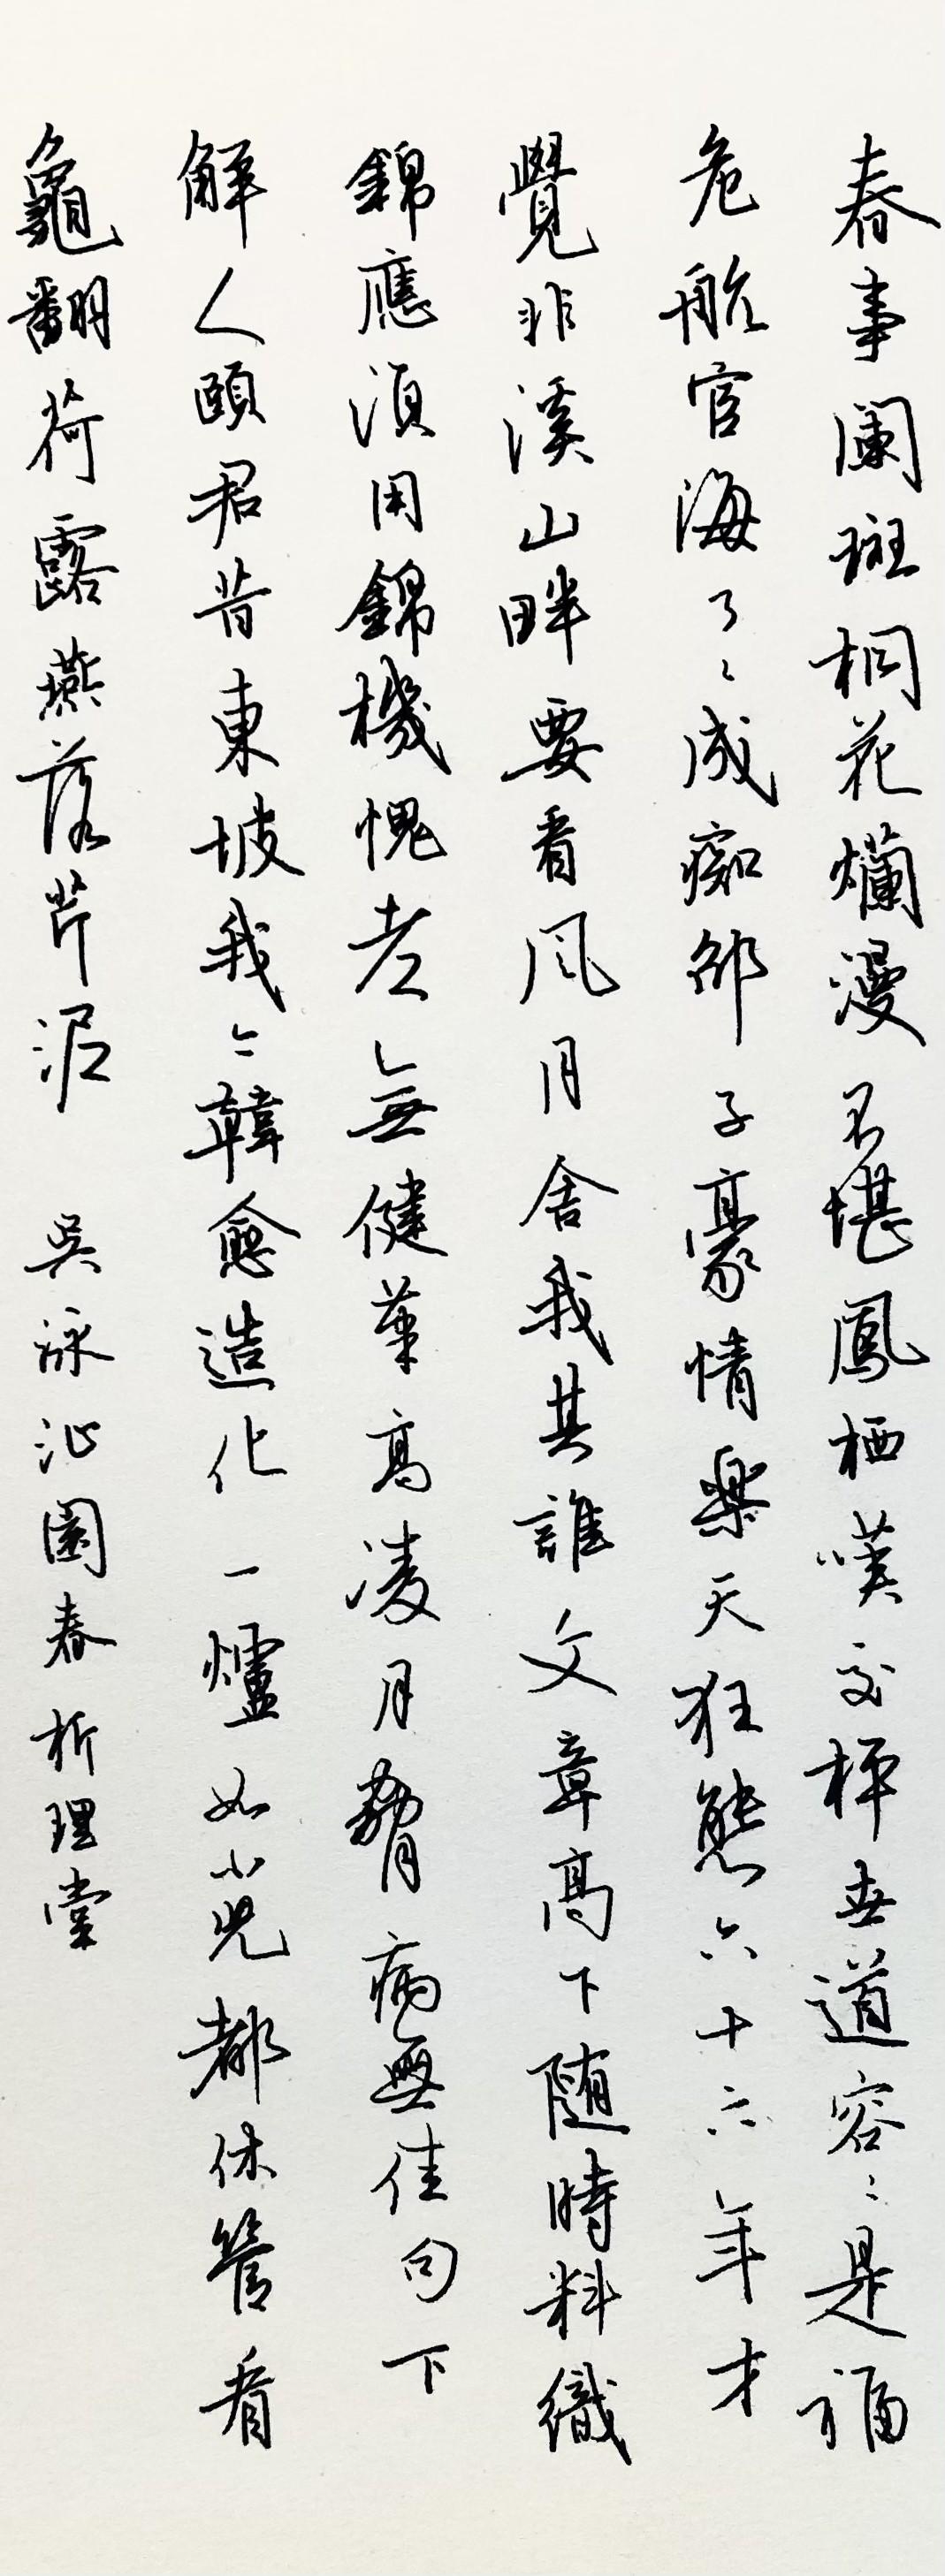 钢笔爱好者练字打卡20210323-20